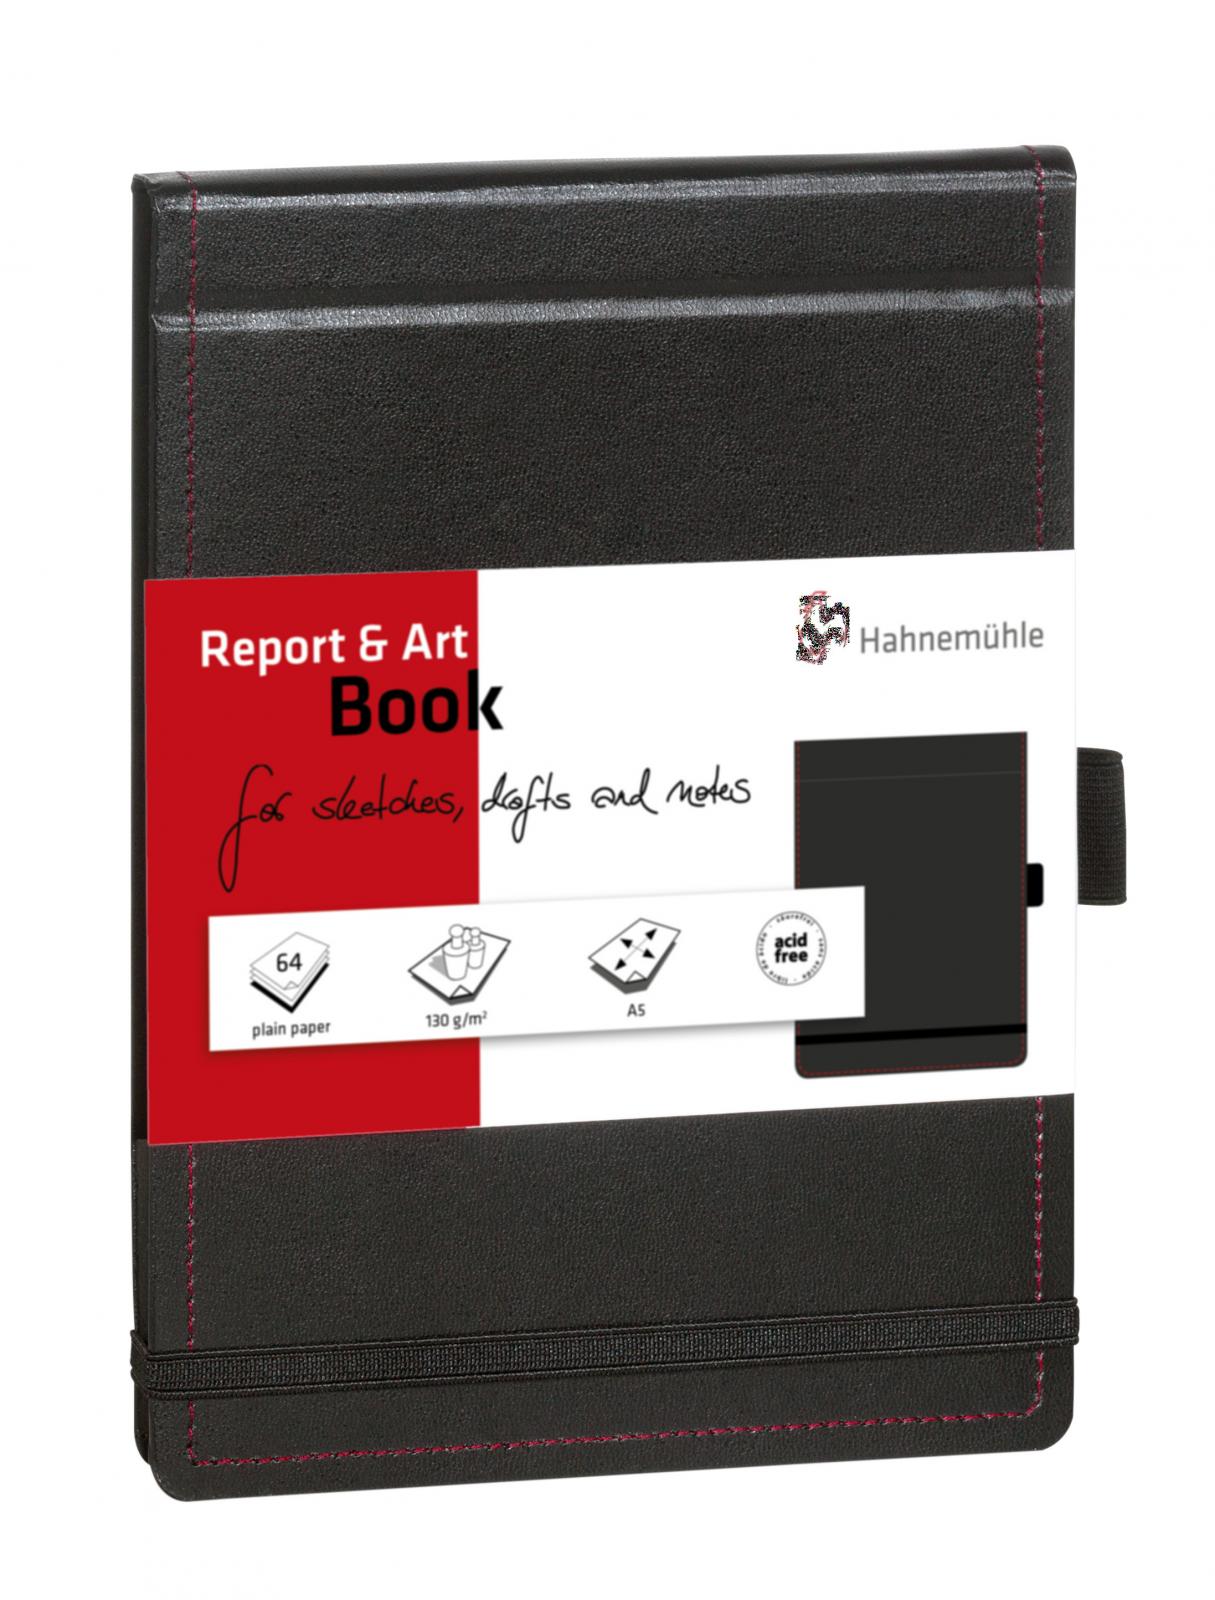 REPORT & ART BOOK 130 g/m  TAM A5 10628471  - Papelaria Botafogo